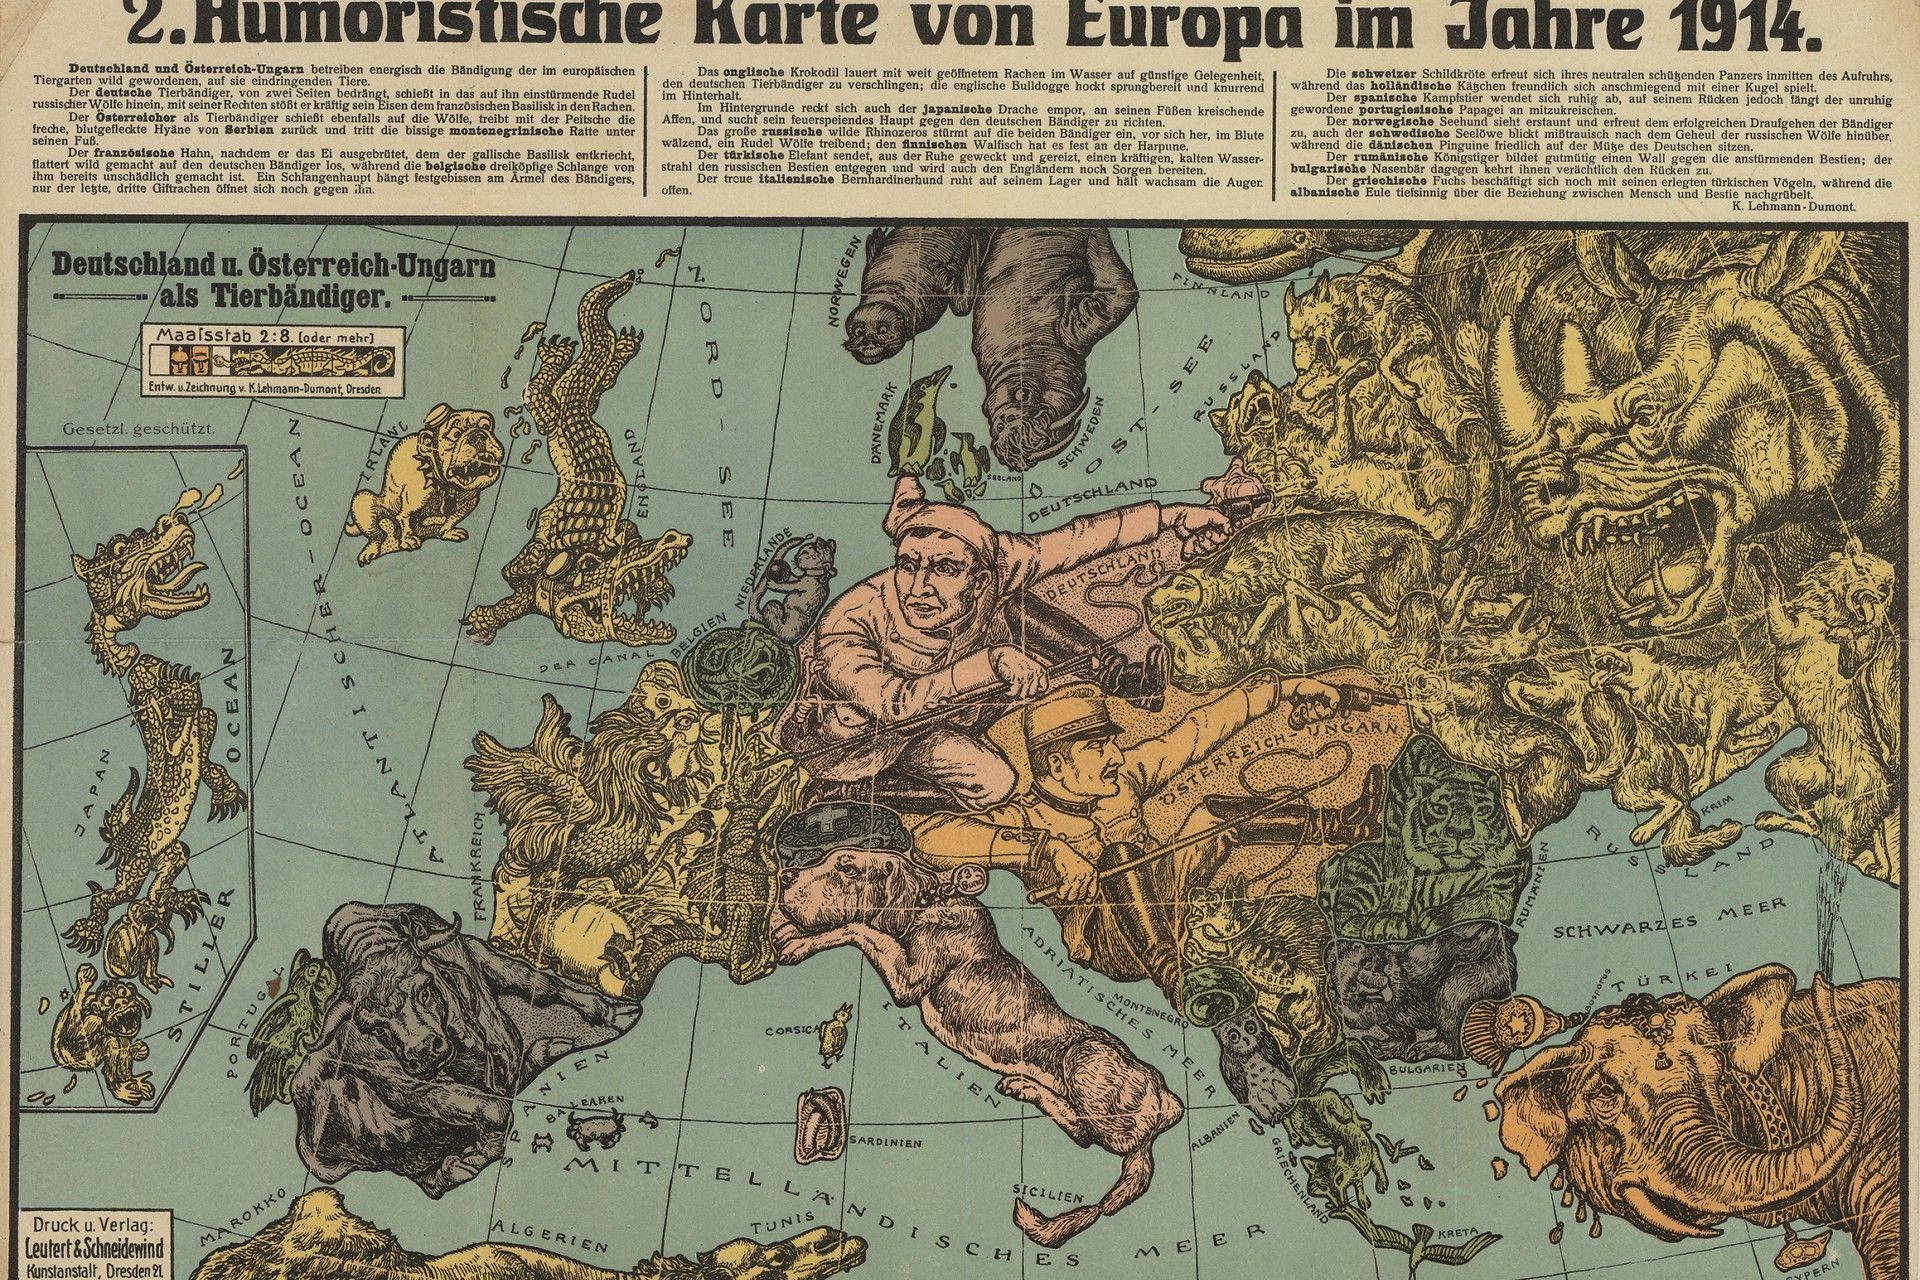 Humoristische Karte Von Europa 1914.Lehmann Dumont Karl Humoristische Karte Von Europa Im